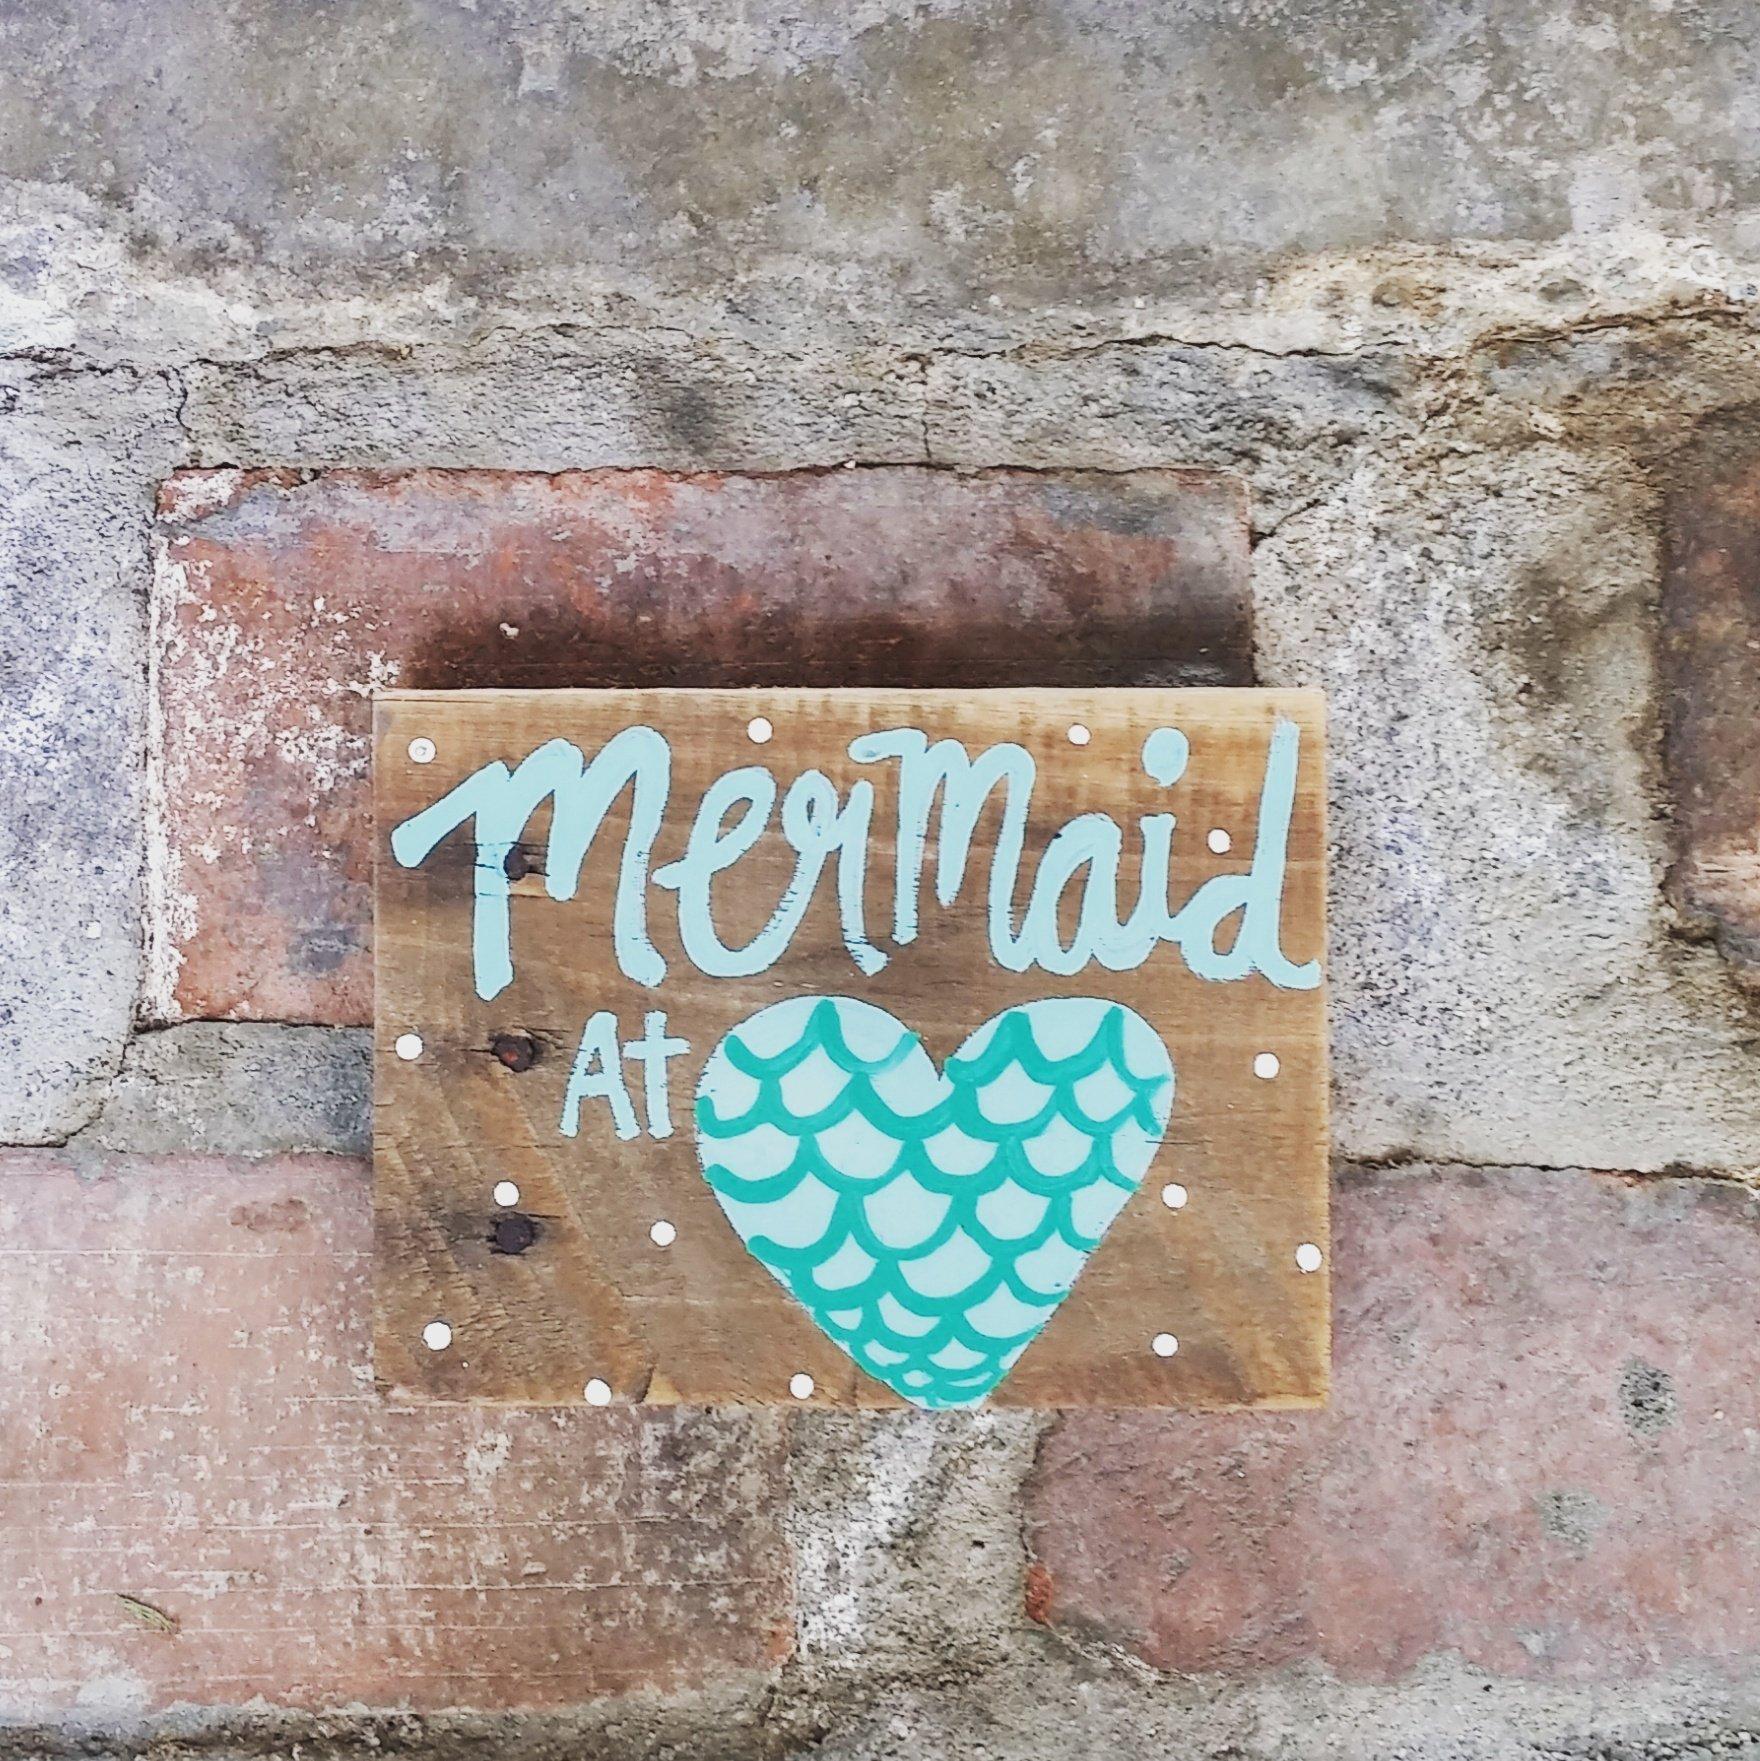 Mermaid At Heart Wood Pallet Sign, Mermaid Pallet Sign, Mermaid At Heart, Mermaid Wood Sign, Mermaid Sign, Pallet Sign, Reclaimed Wood Sign, Mermaid Decor